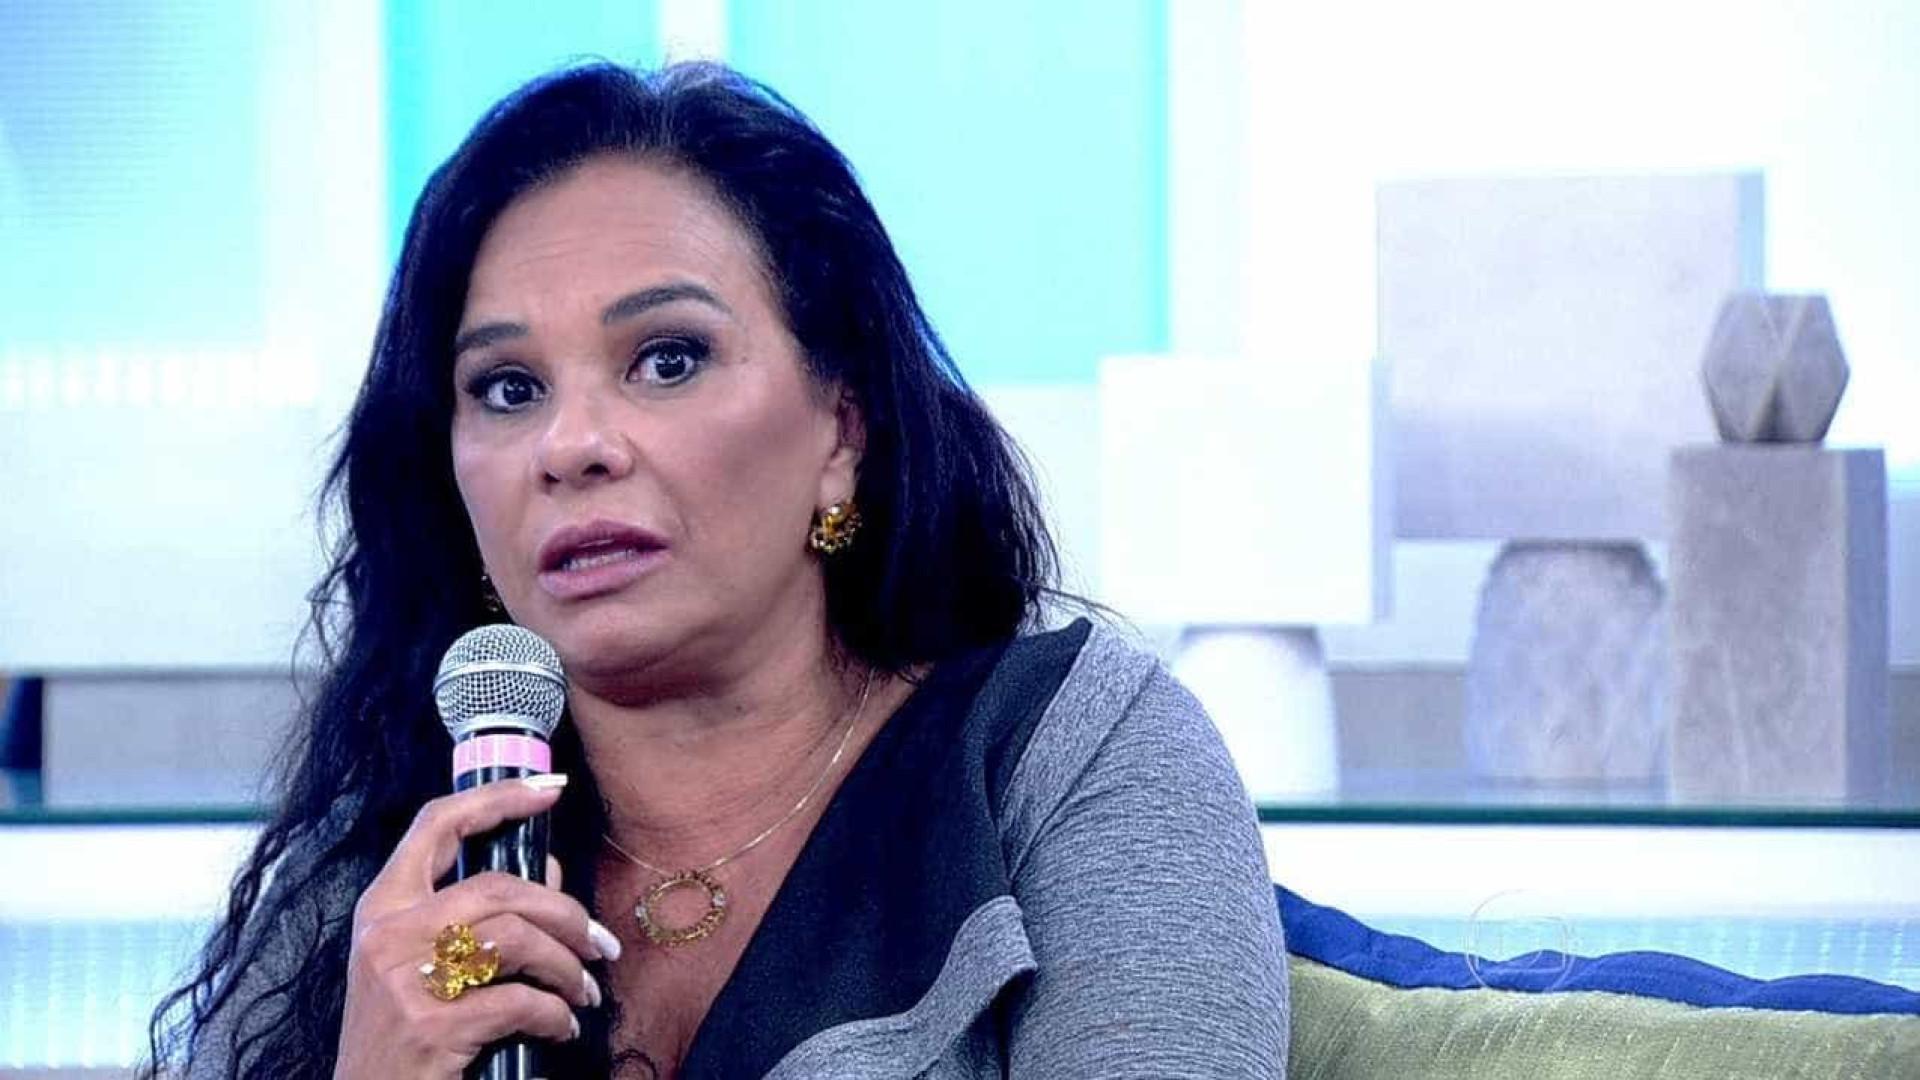 Carro de Solange Couto é roubado e atriz faz apelo nas redes sociais